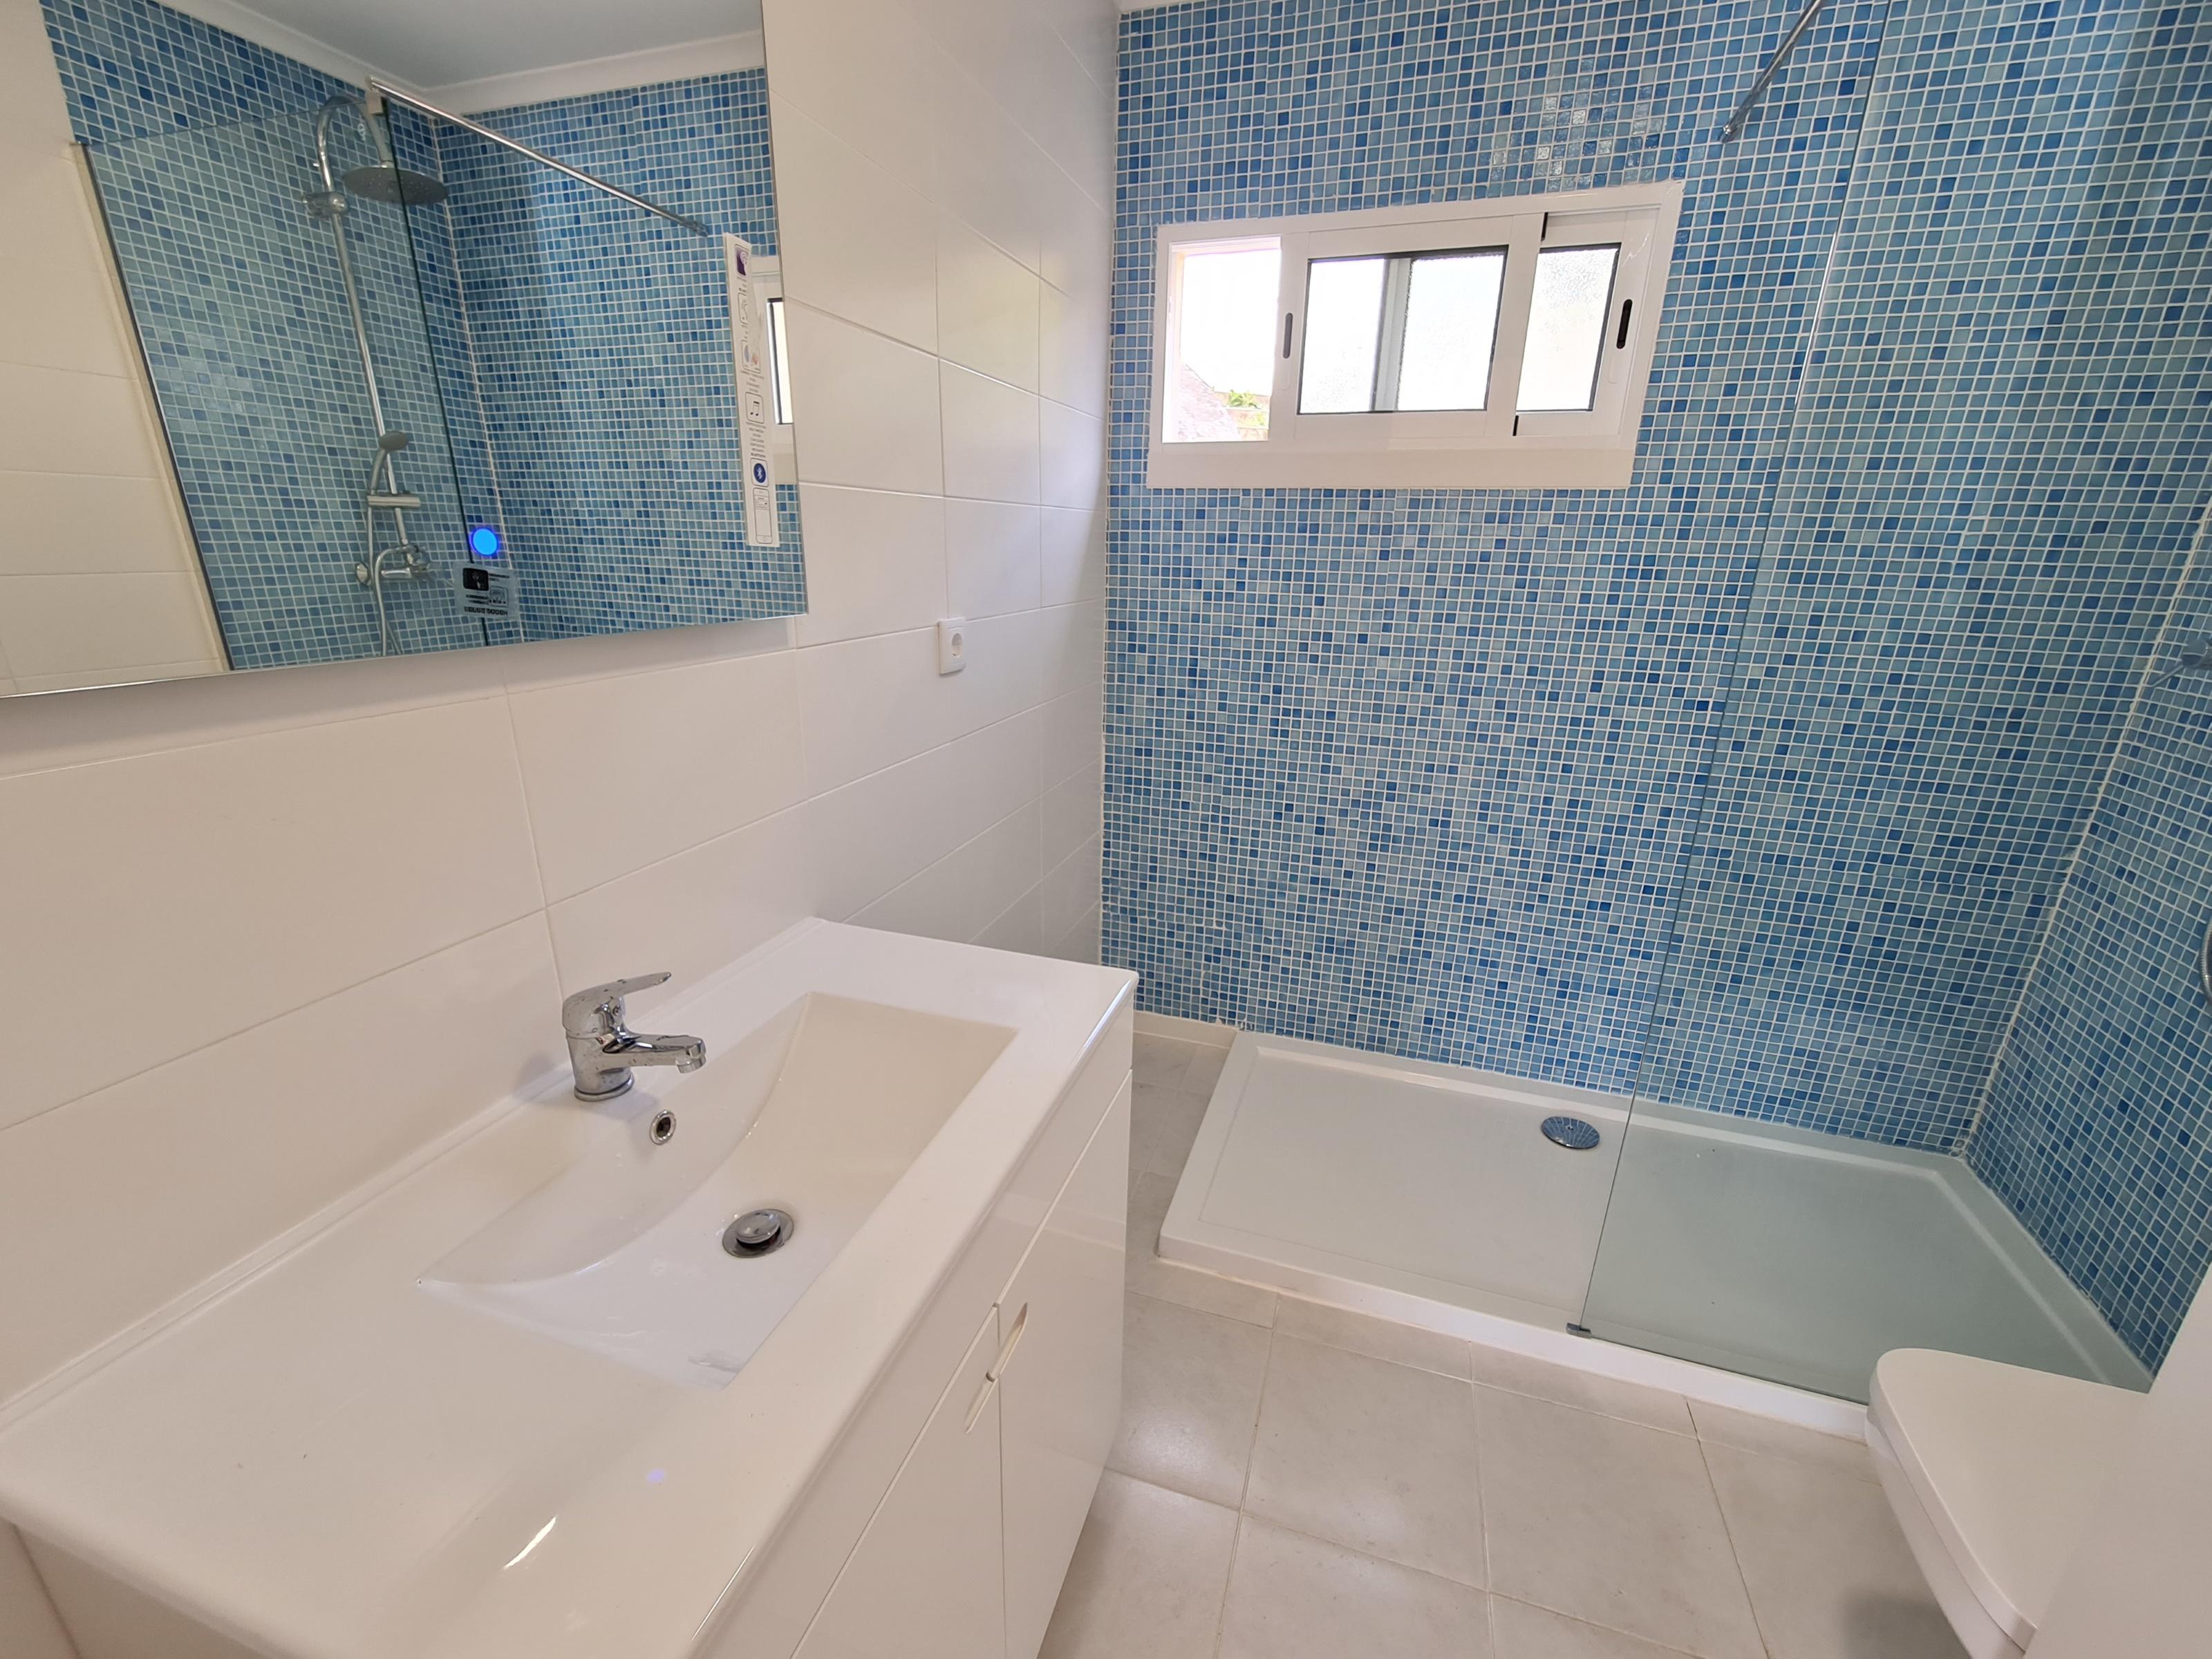 למכירה-דירה 2 חדרים, משופצת, מטרופולין ליסבון